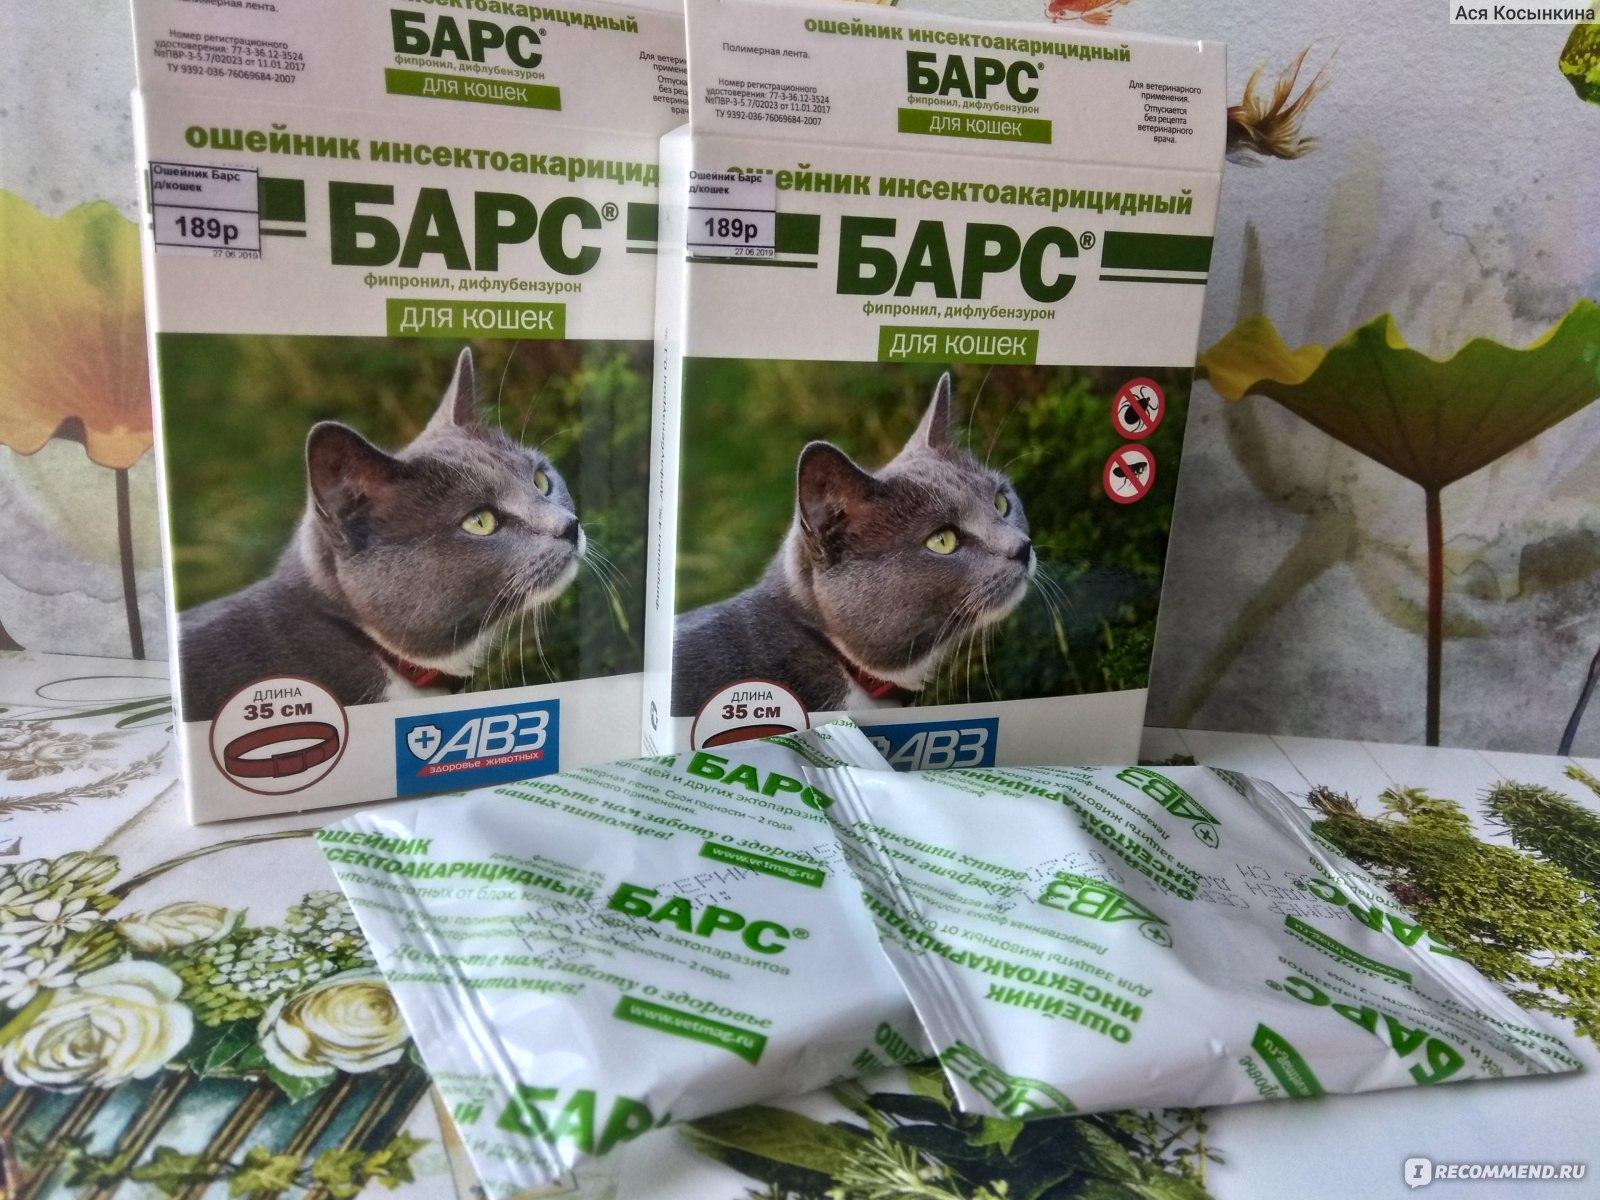 Барс от клещей и блох для собак и кошек (капли, спрей, ошейник) - инструкция по применению и отзывы | comp-plus.ru